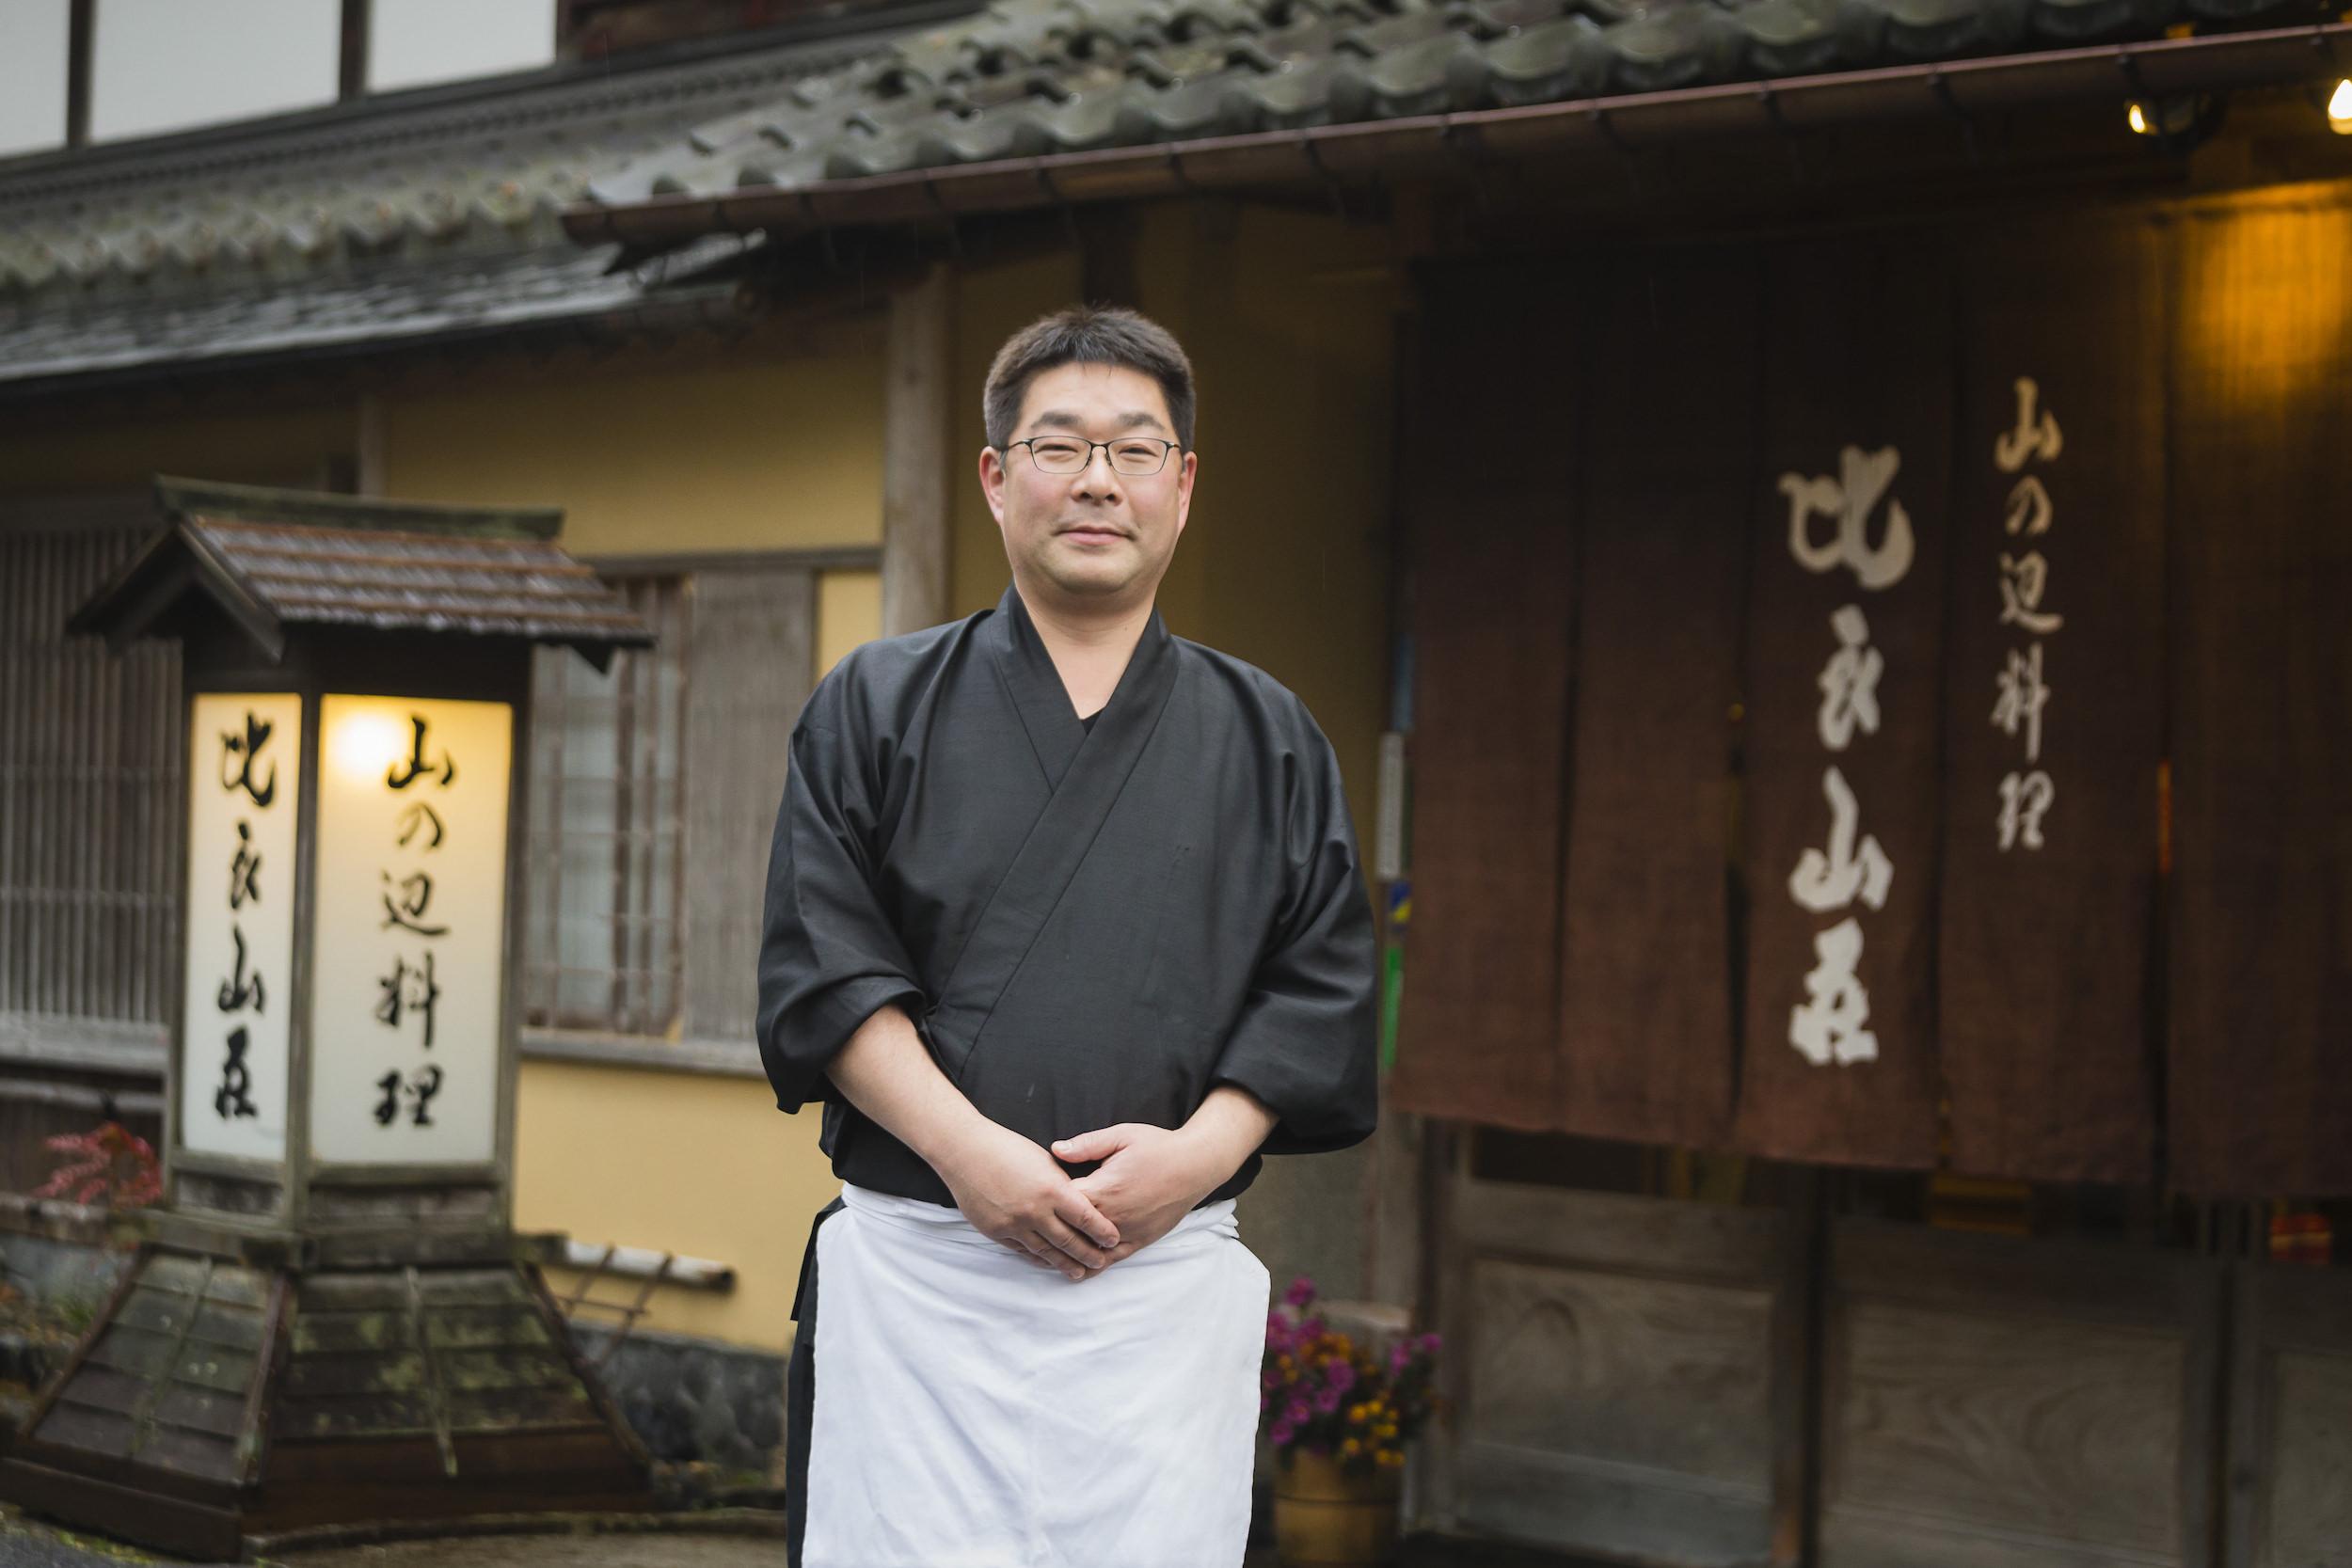 山の辺料理「比良山荘」 伊藤剛治